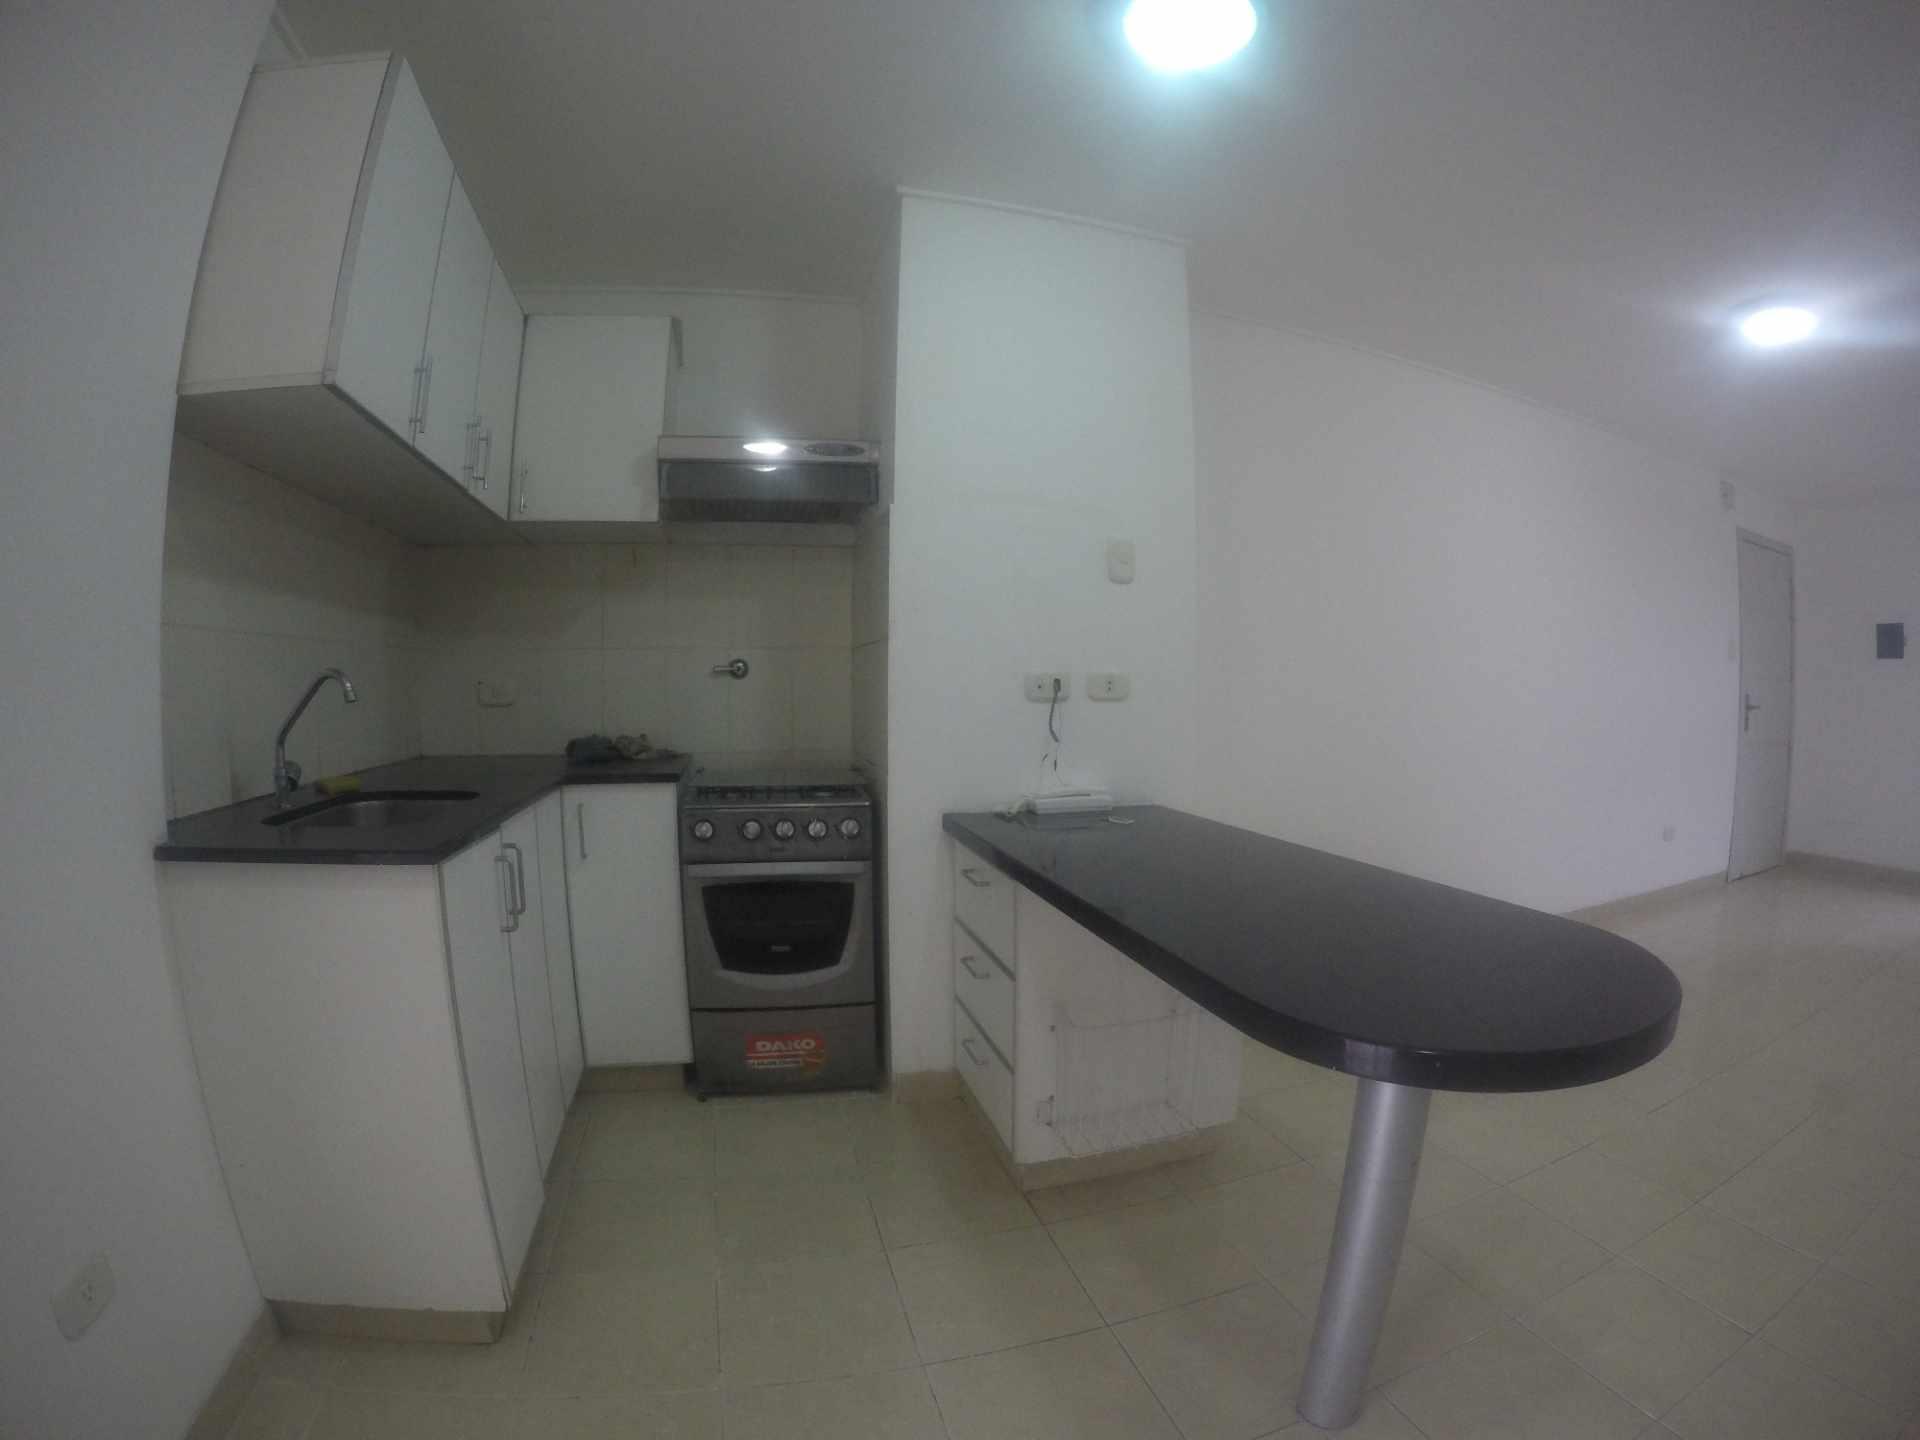 Departamento en Venta Condominio San Antonio [Av. Banzer 2do. y 3er. Anillo], De ocasión vendo departamento de 2 dormitorios sin parqueo. [69.000$us.] Foto 3